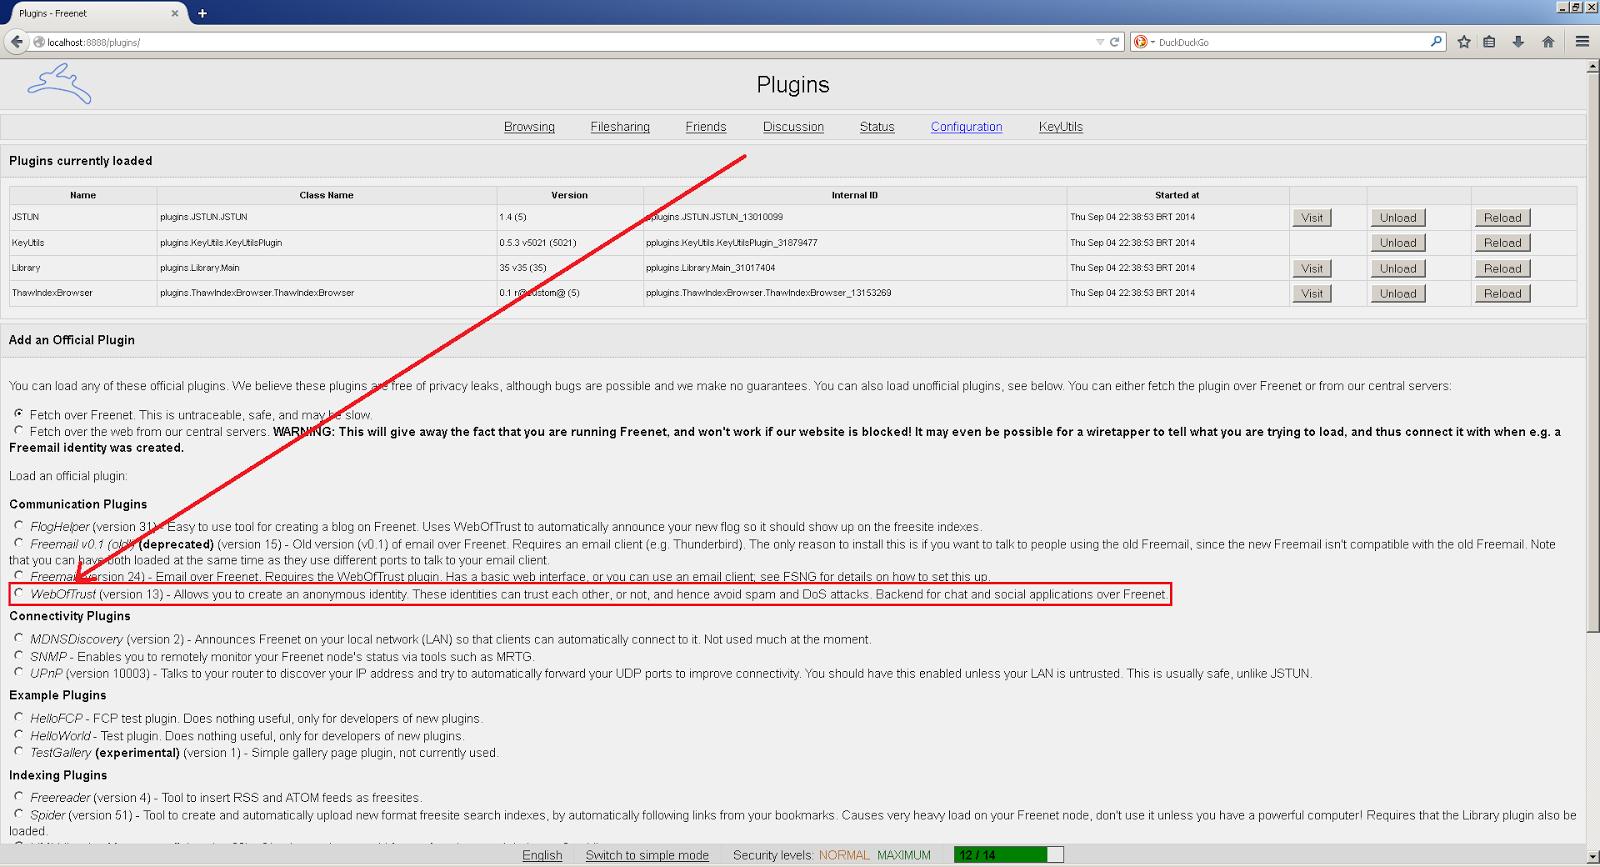 Plugins da Freenet